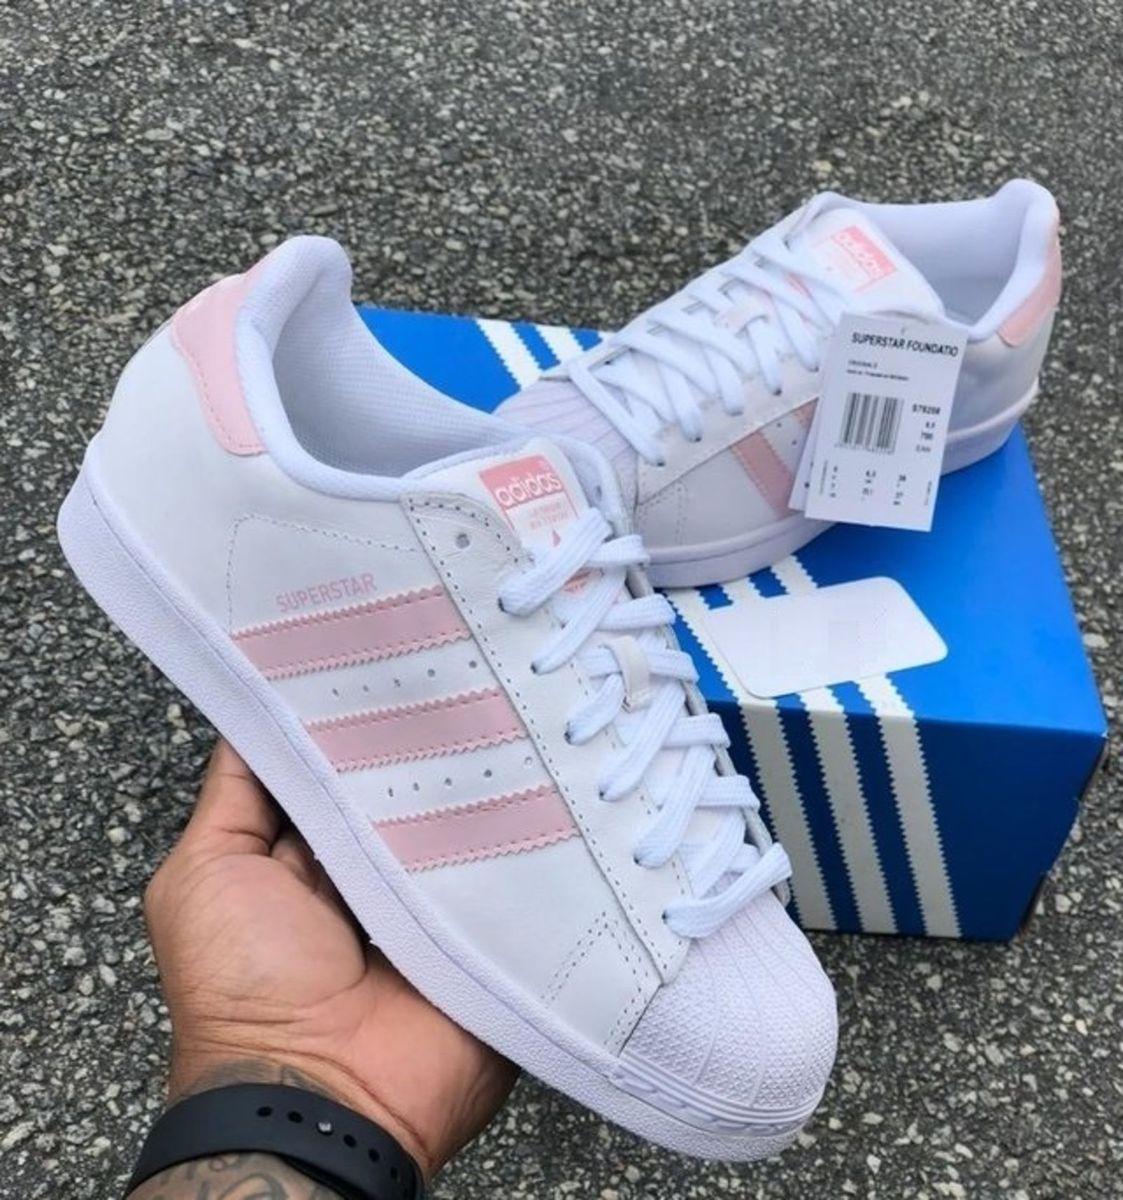 cf4280c8a61 adidas superstar - rosa branco - tênis adidas.  Czm6ly9wag90b3muzw5qb2vplmnvbs5ici9wcm9kdwn0cy8xmdq4nzy1ny9mzmy0ogjlnzblztfhnwzhzdvknzjlnta0ytblyjy3my5qcgc  ...